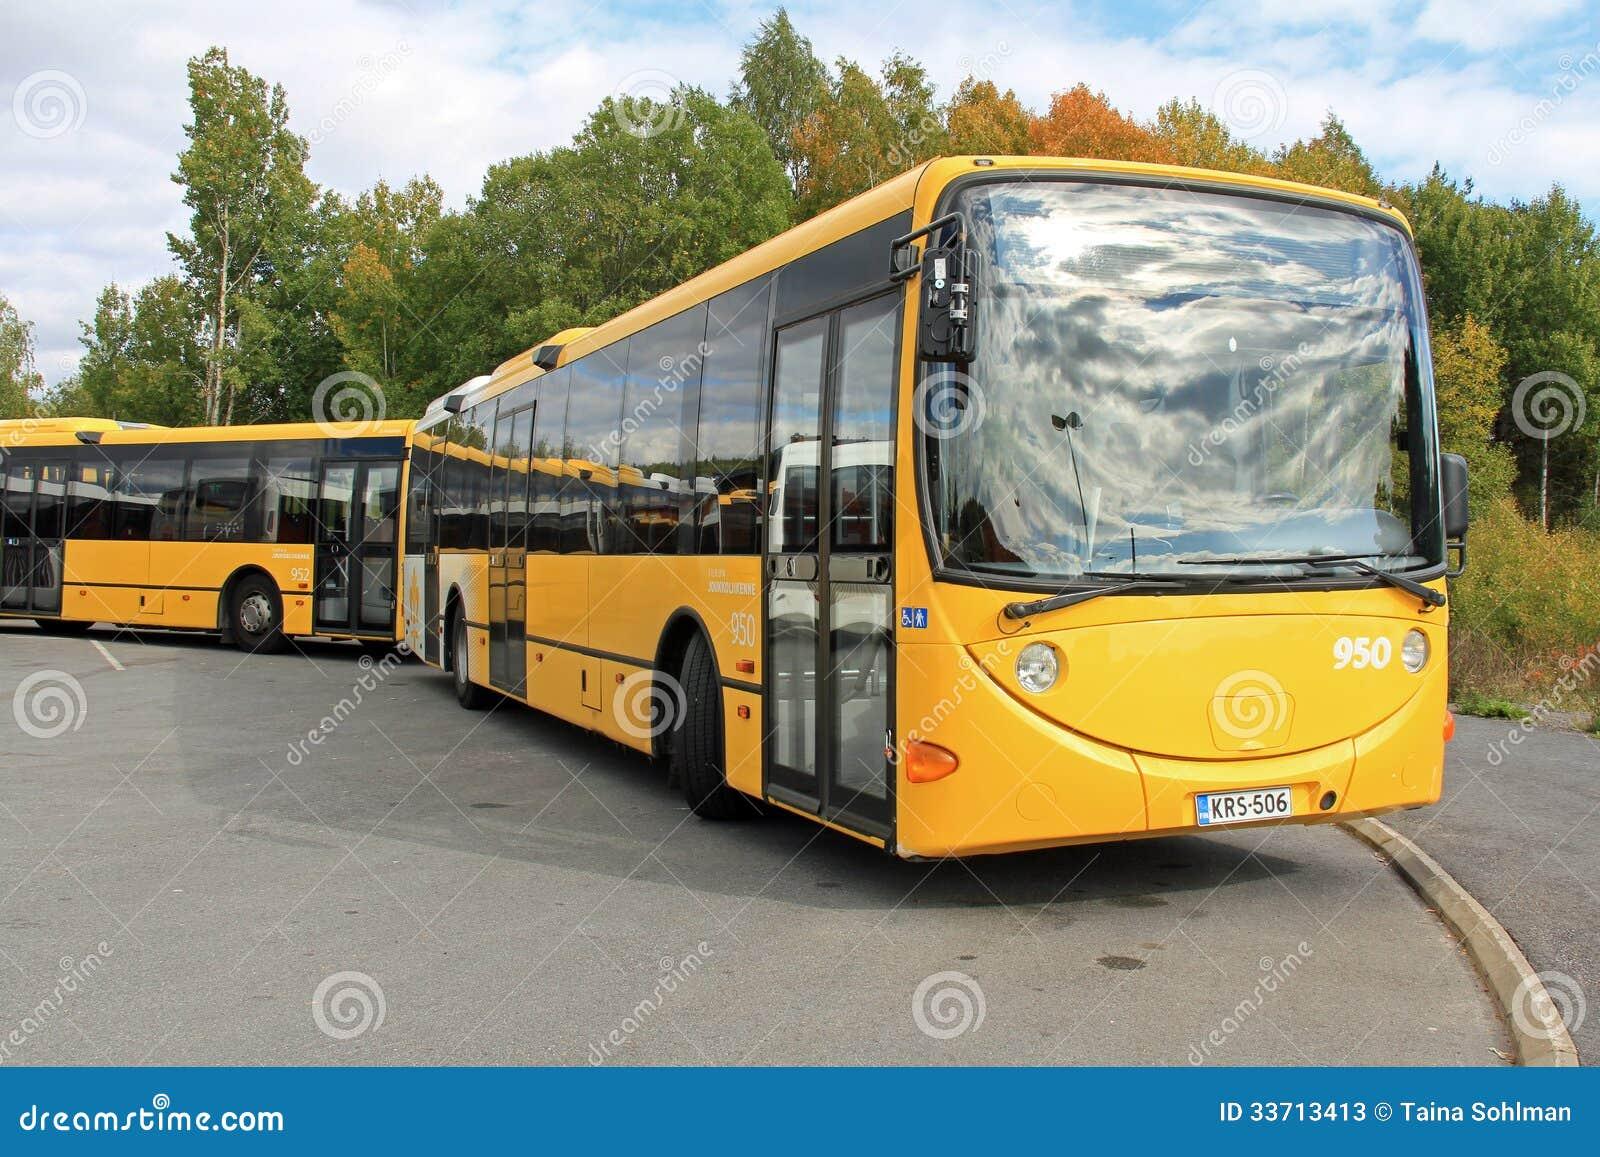 Helsinki Turku Bus